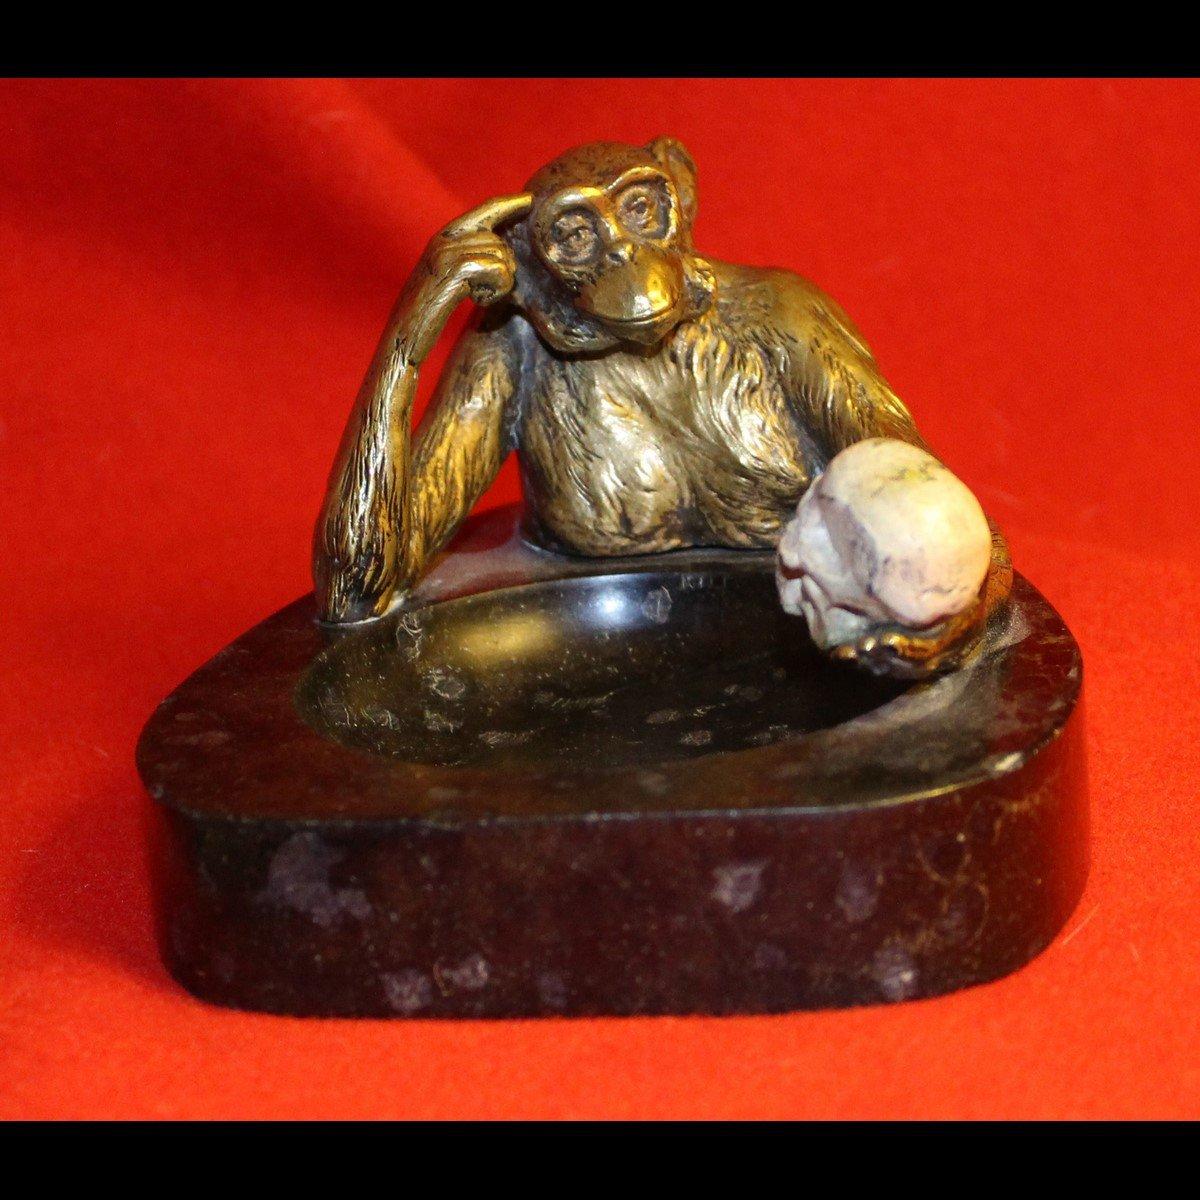 galerie-bosetti-antiquites, sculpture singe vanite